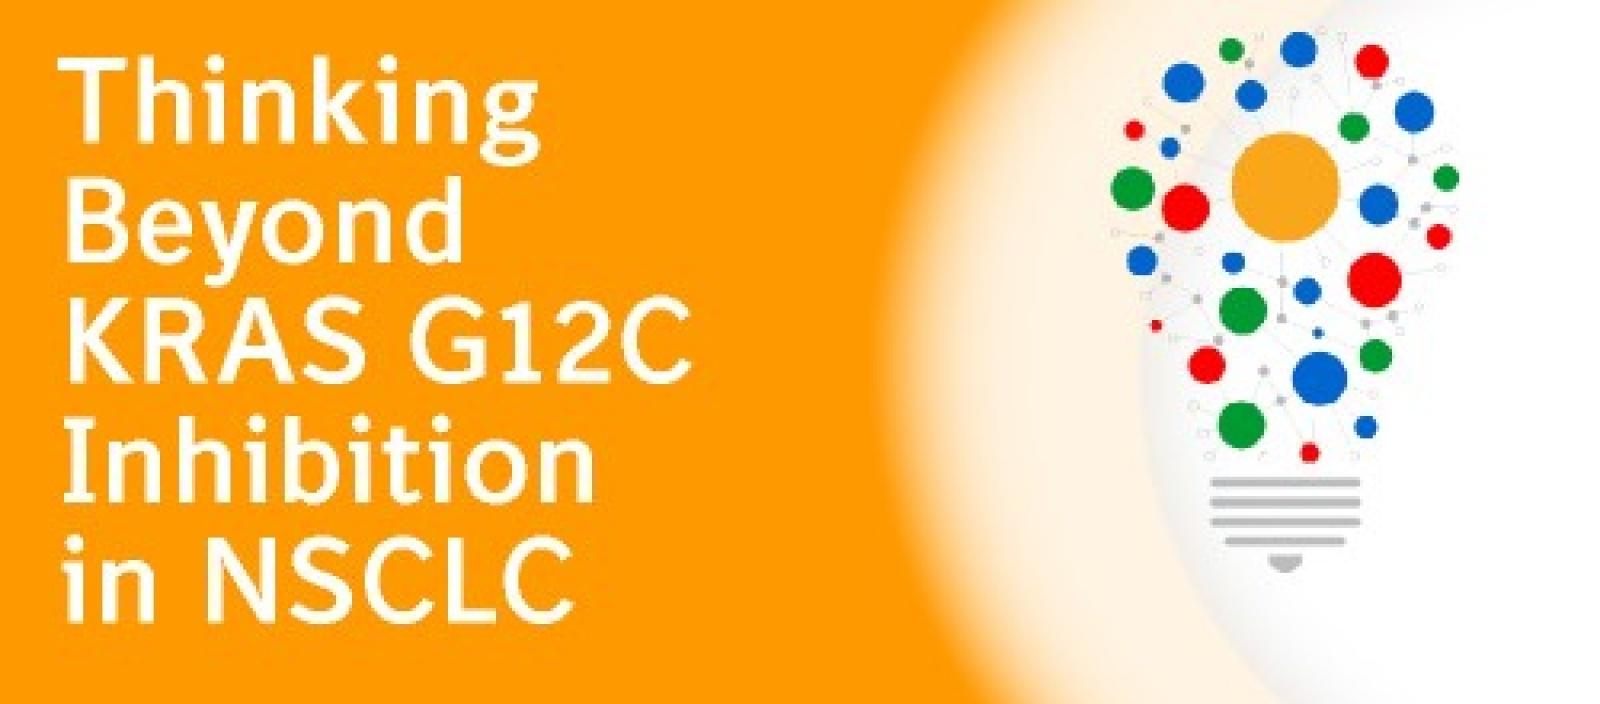 Thinking Beyond KRAS G12C Inhibition in NSCLC